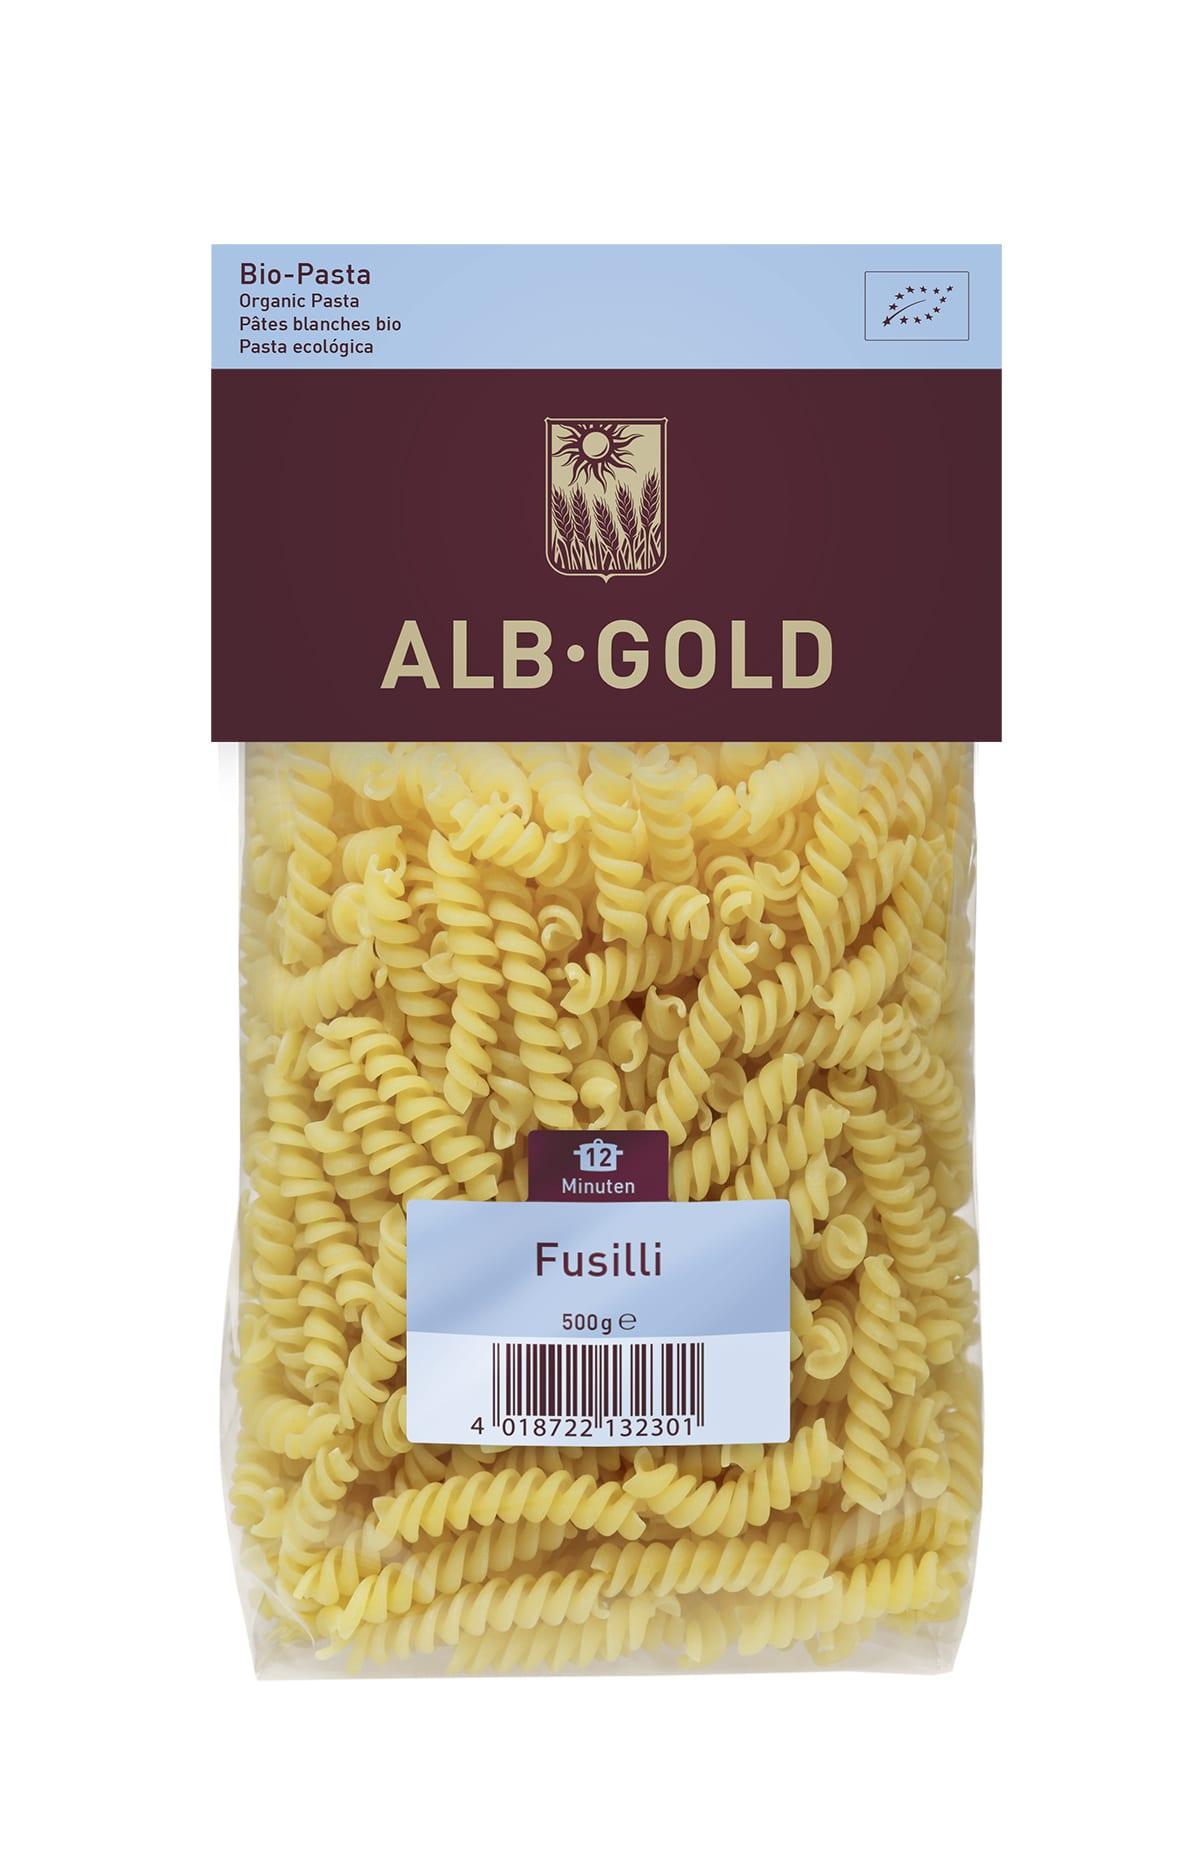 Alb-Gold fusill - ØkoTaste - Økologiske specialiteter